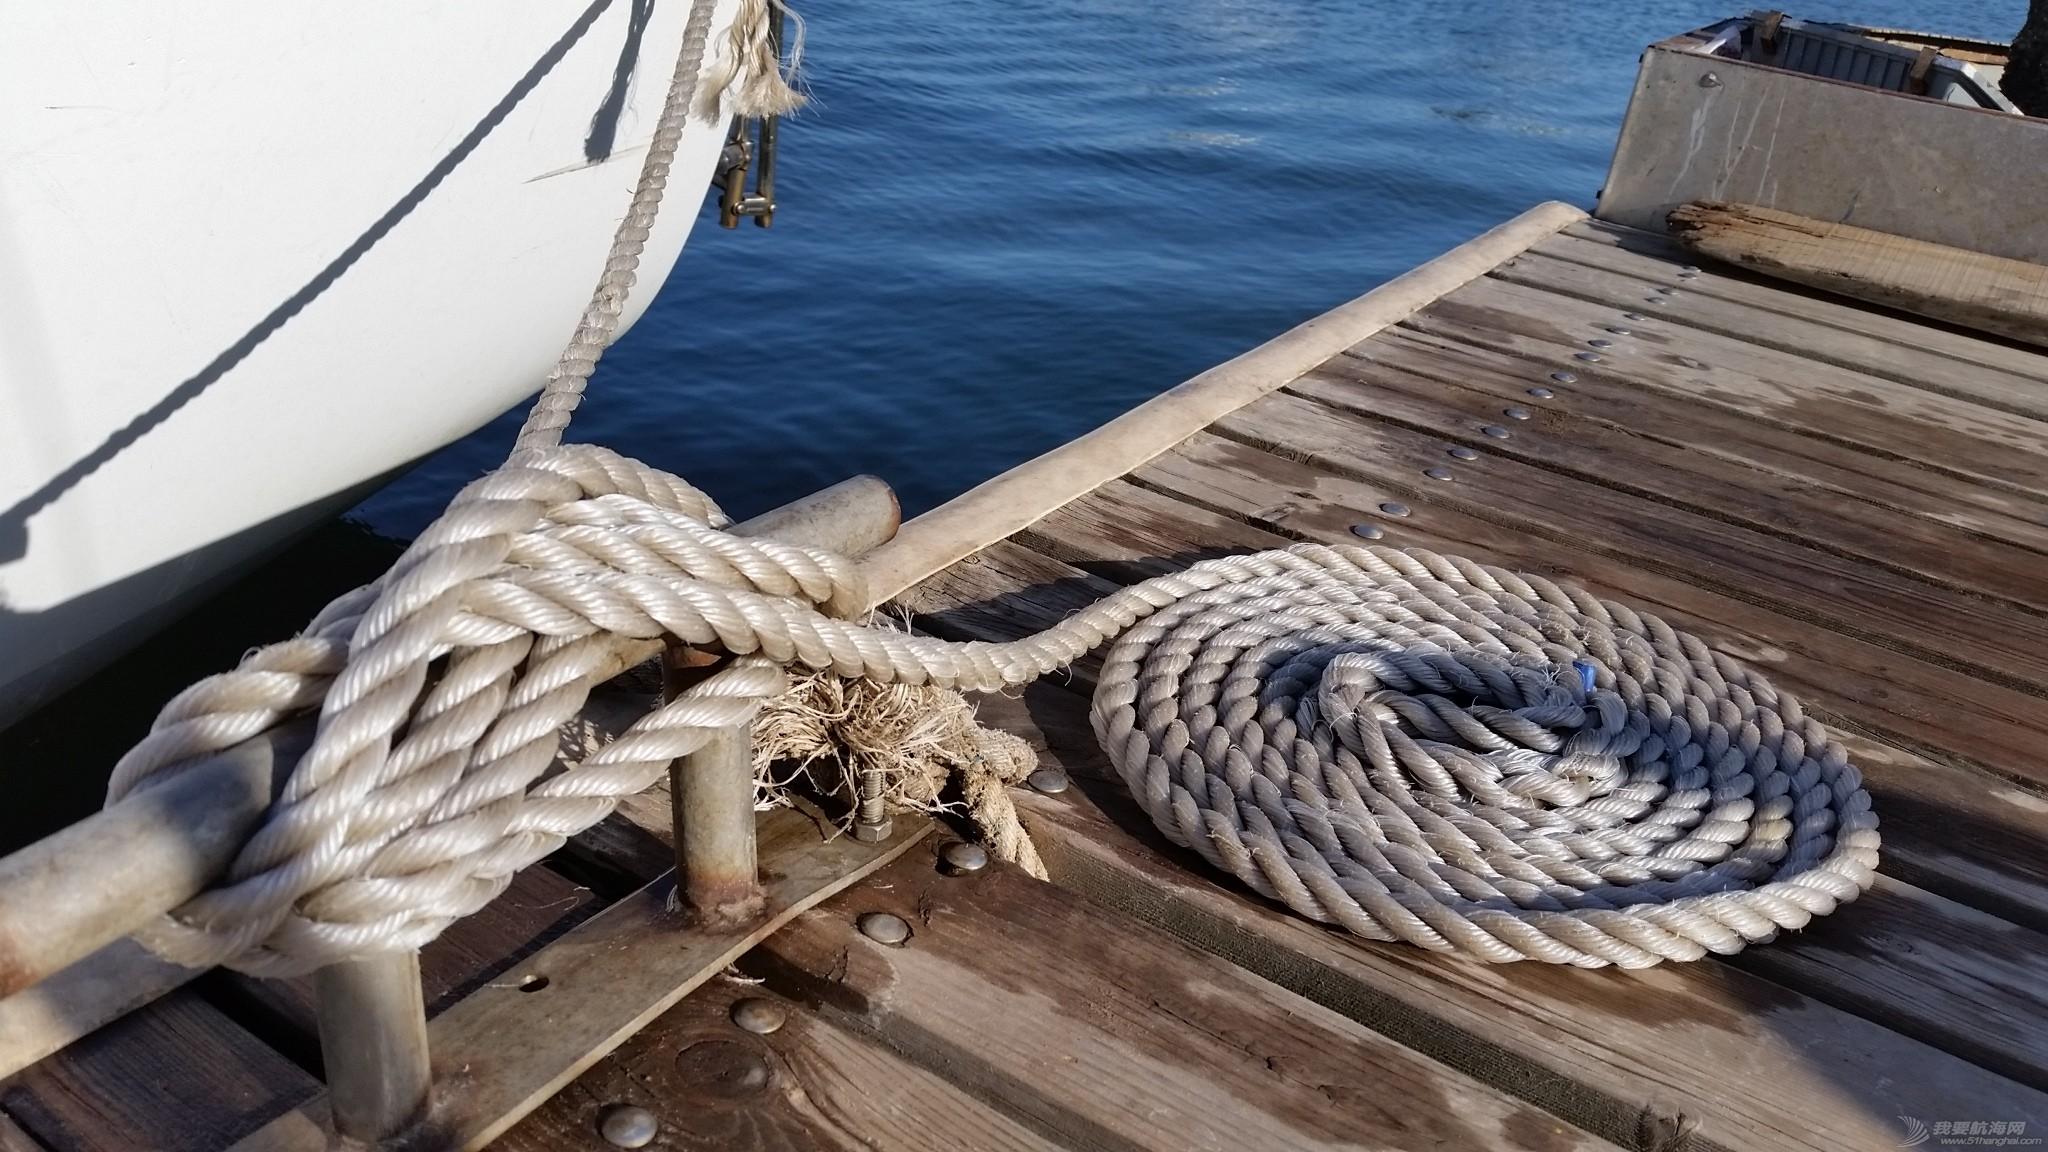 水上运动,帆船运动,冷空气,志愿者,徐莉佳 日照帆船第48期作业(附航海急救包) 20160826_165022.jpg